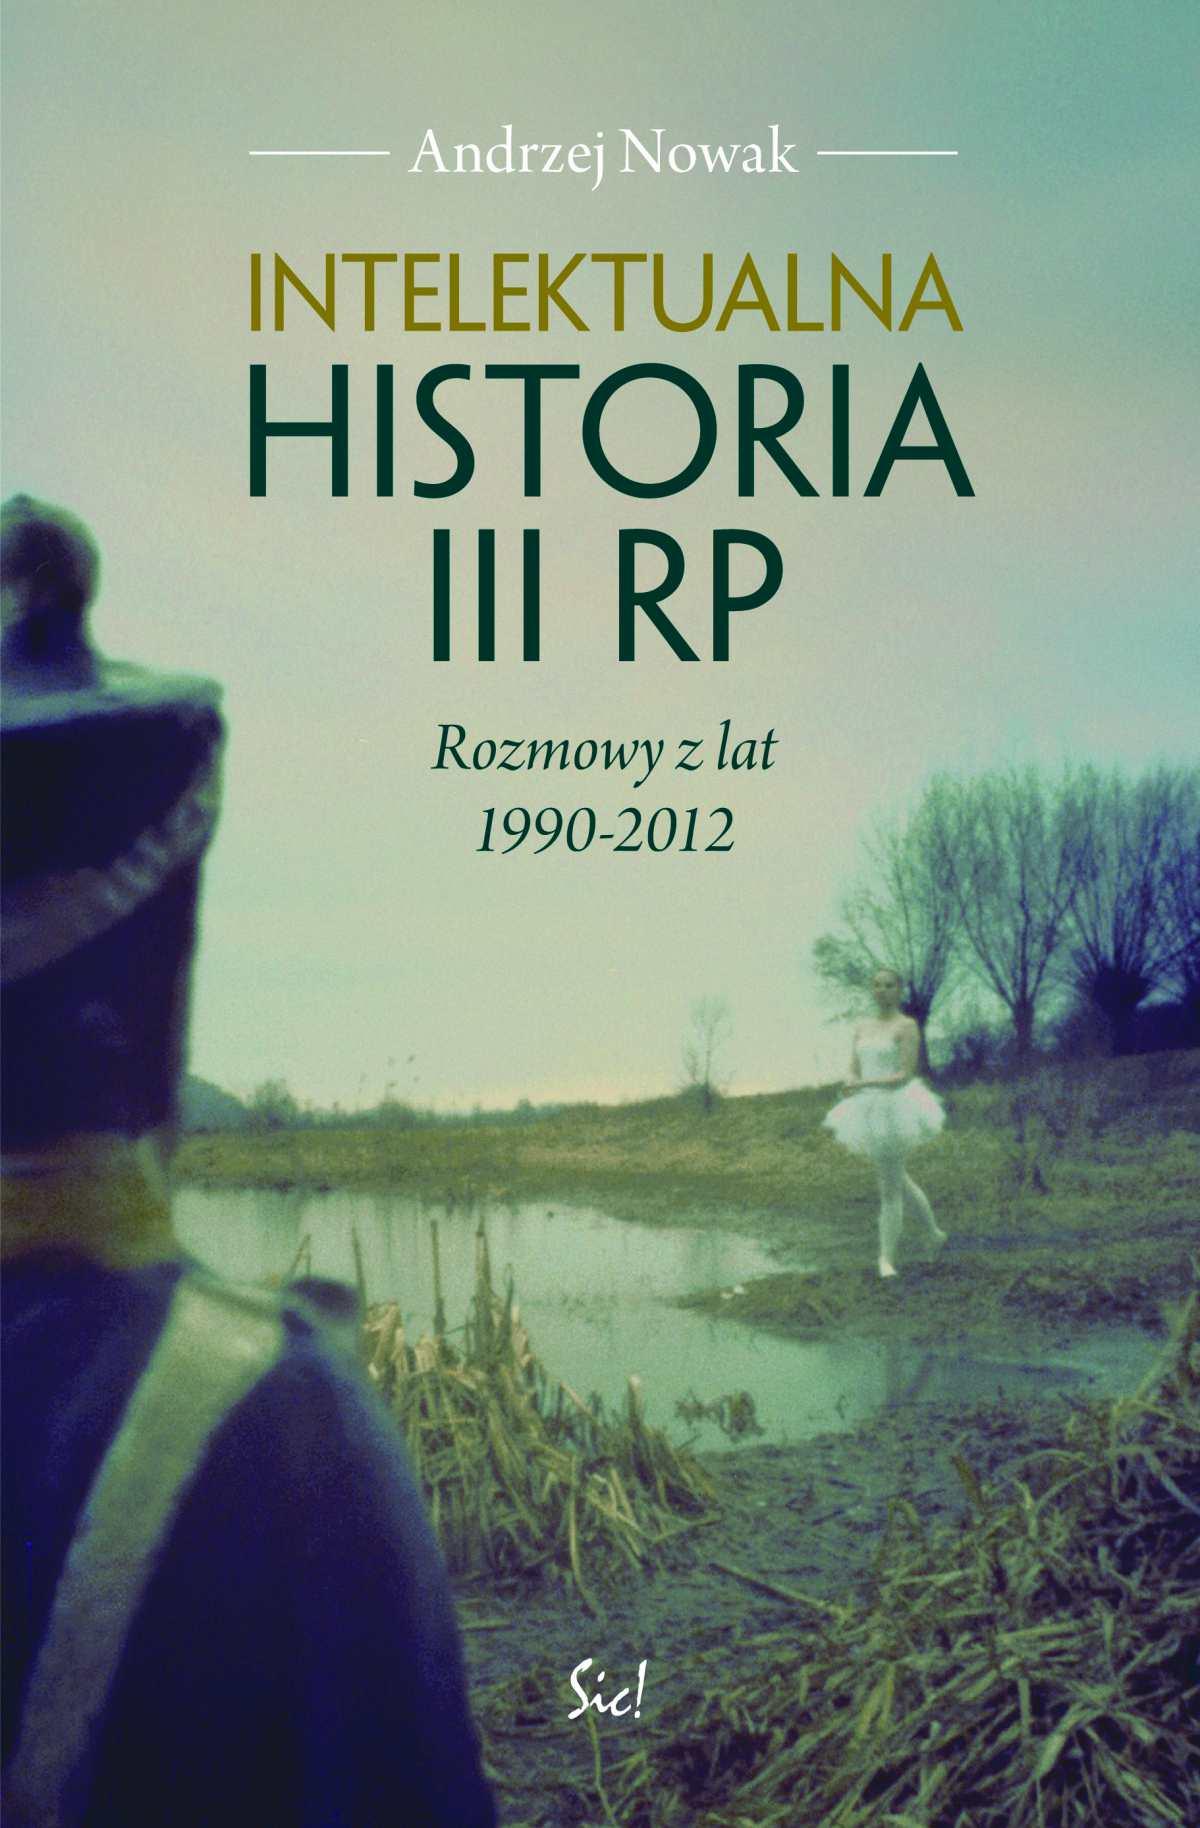 Intelektualna historia III RP - Ebook (Książka EPUB) do pobrania w formacie EPUB